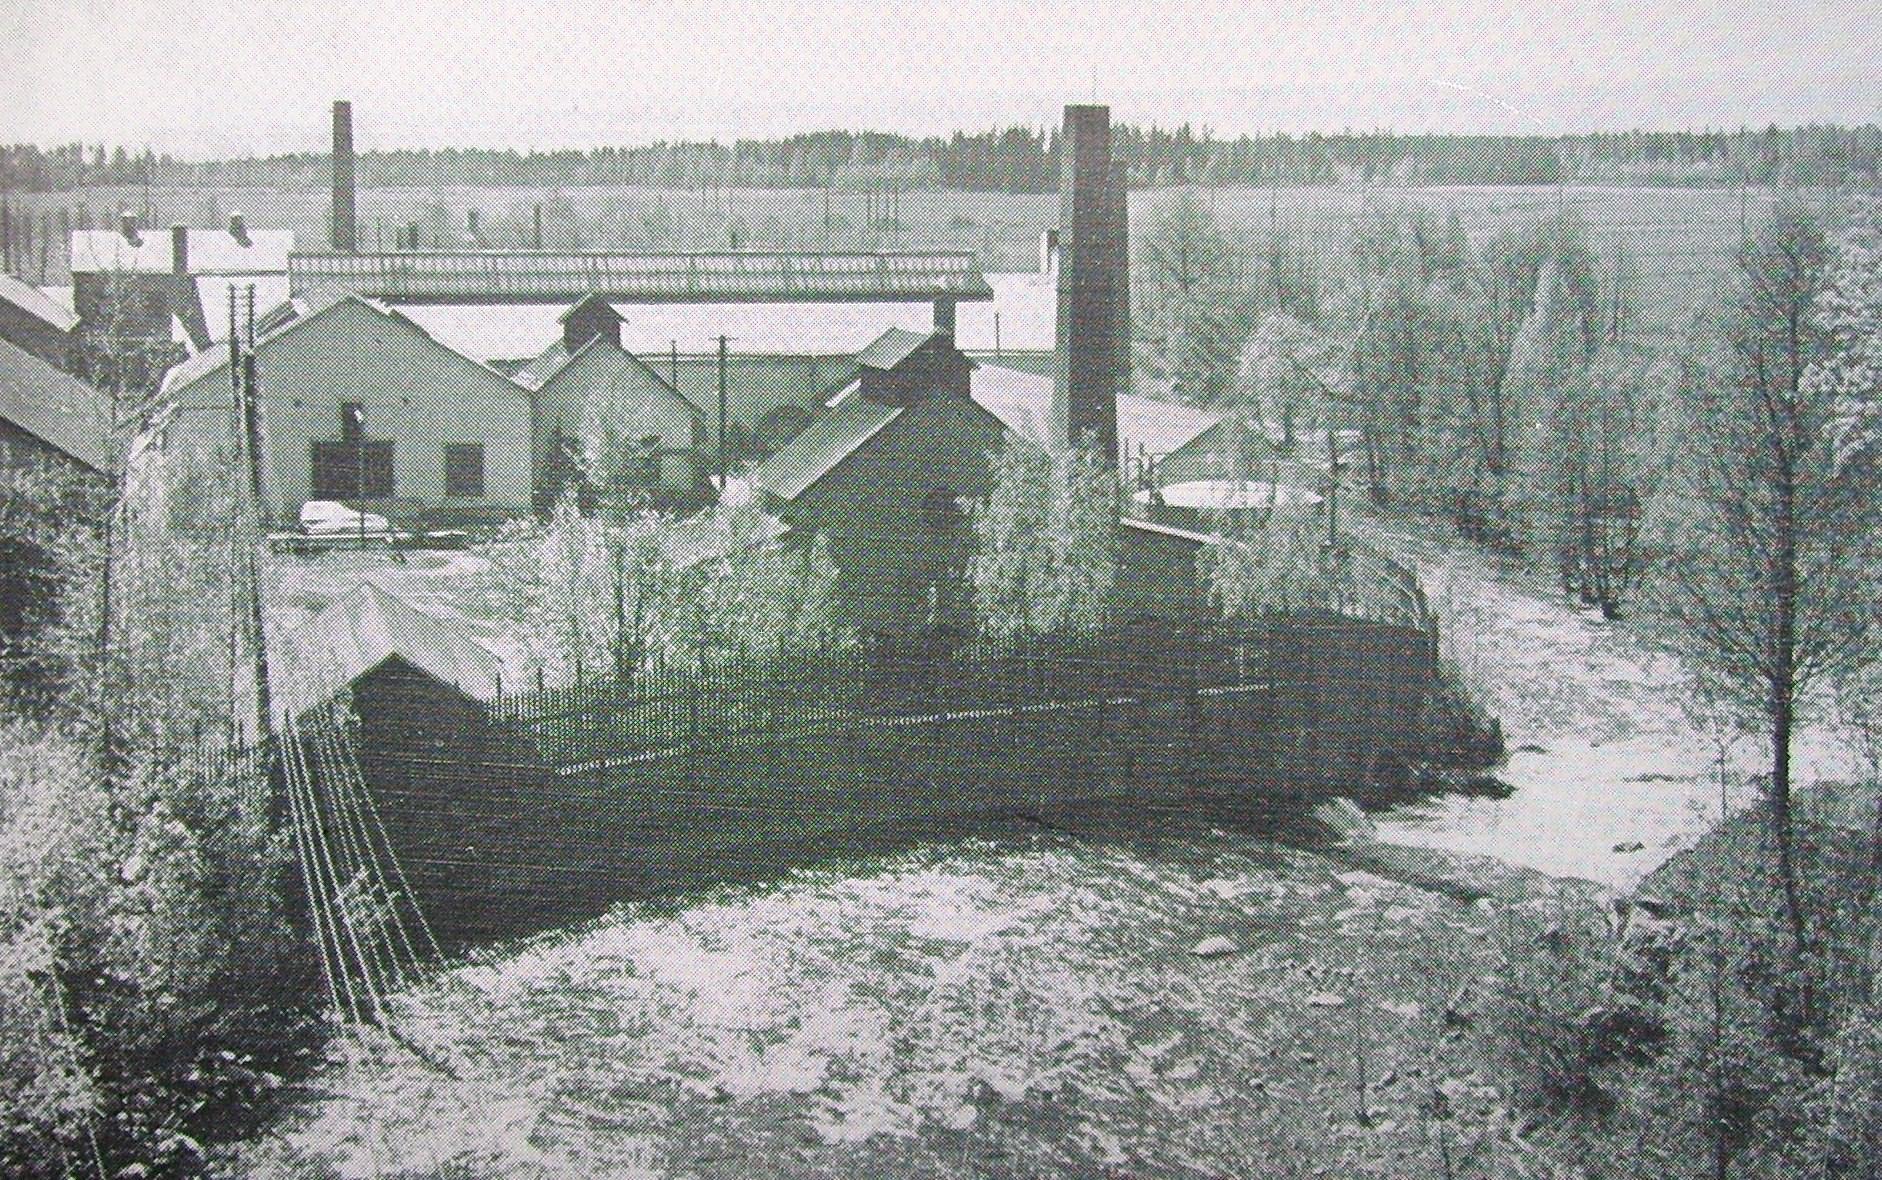 Fil:Skultuna unam.net Wikipedia